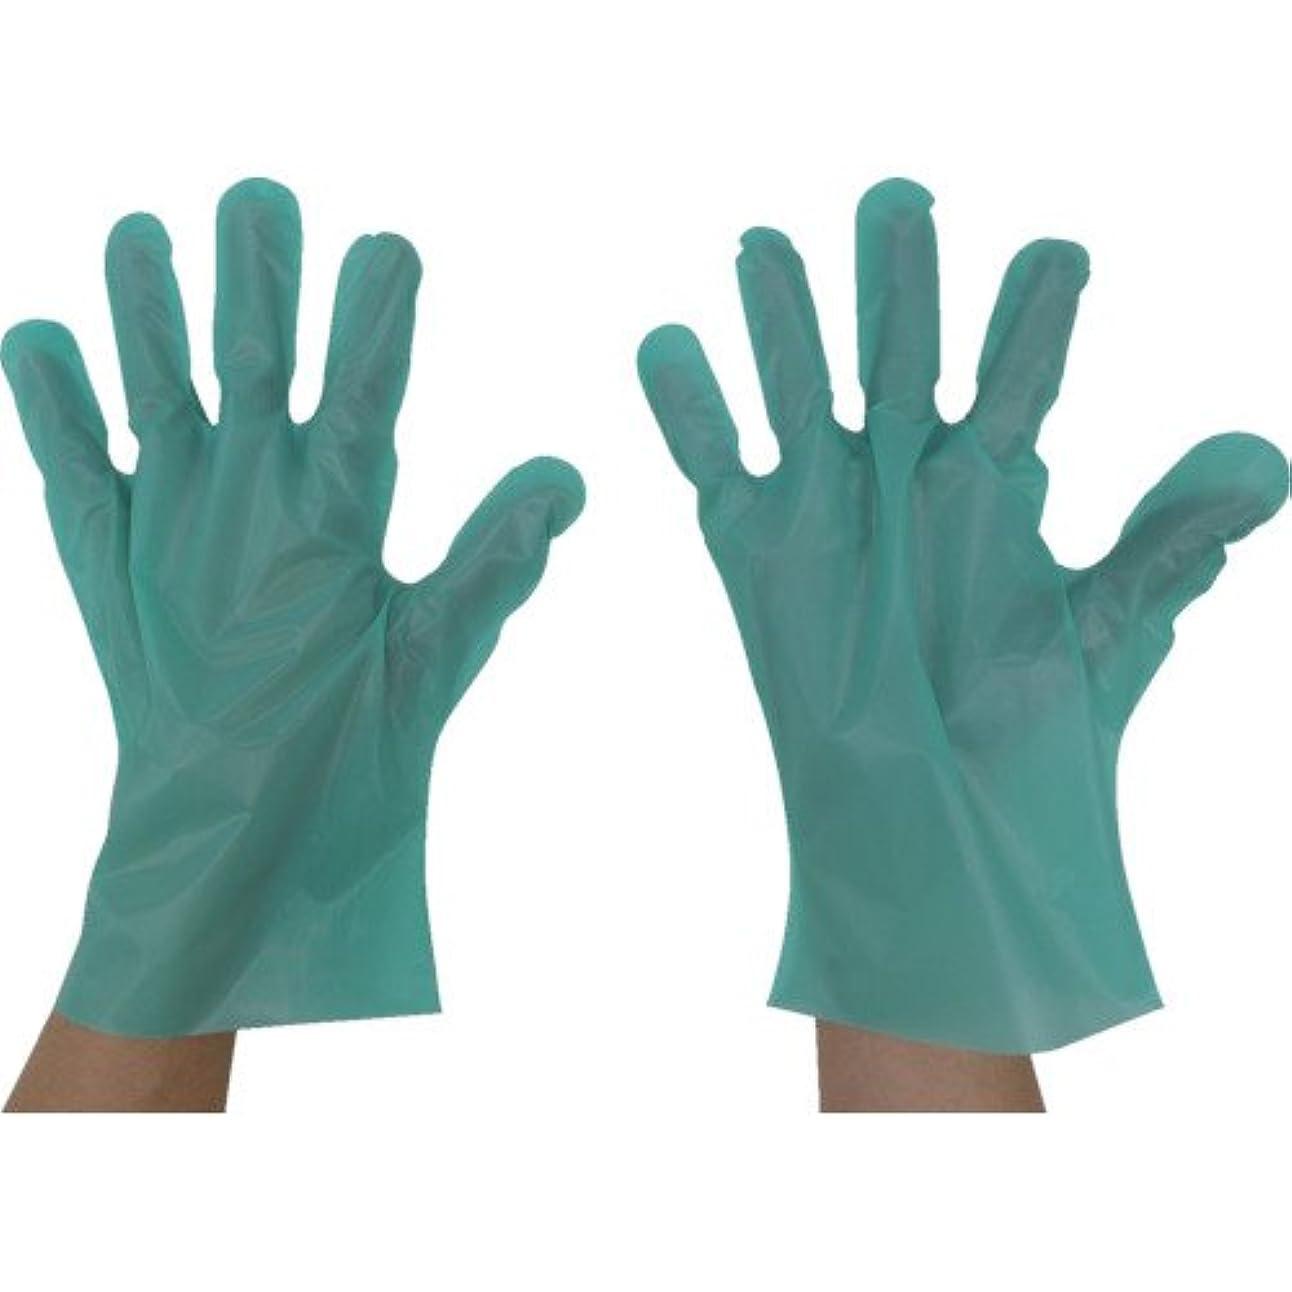 非常に怒っています作る蒸発する東京パック エンボス手袋五本絞りエコノミー化粧箱M グリーン GEK-M